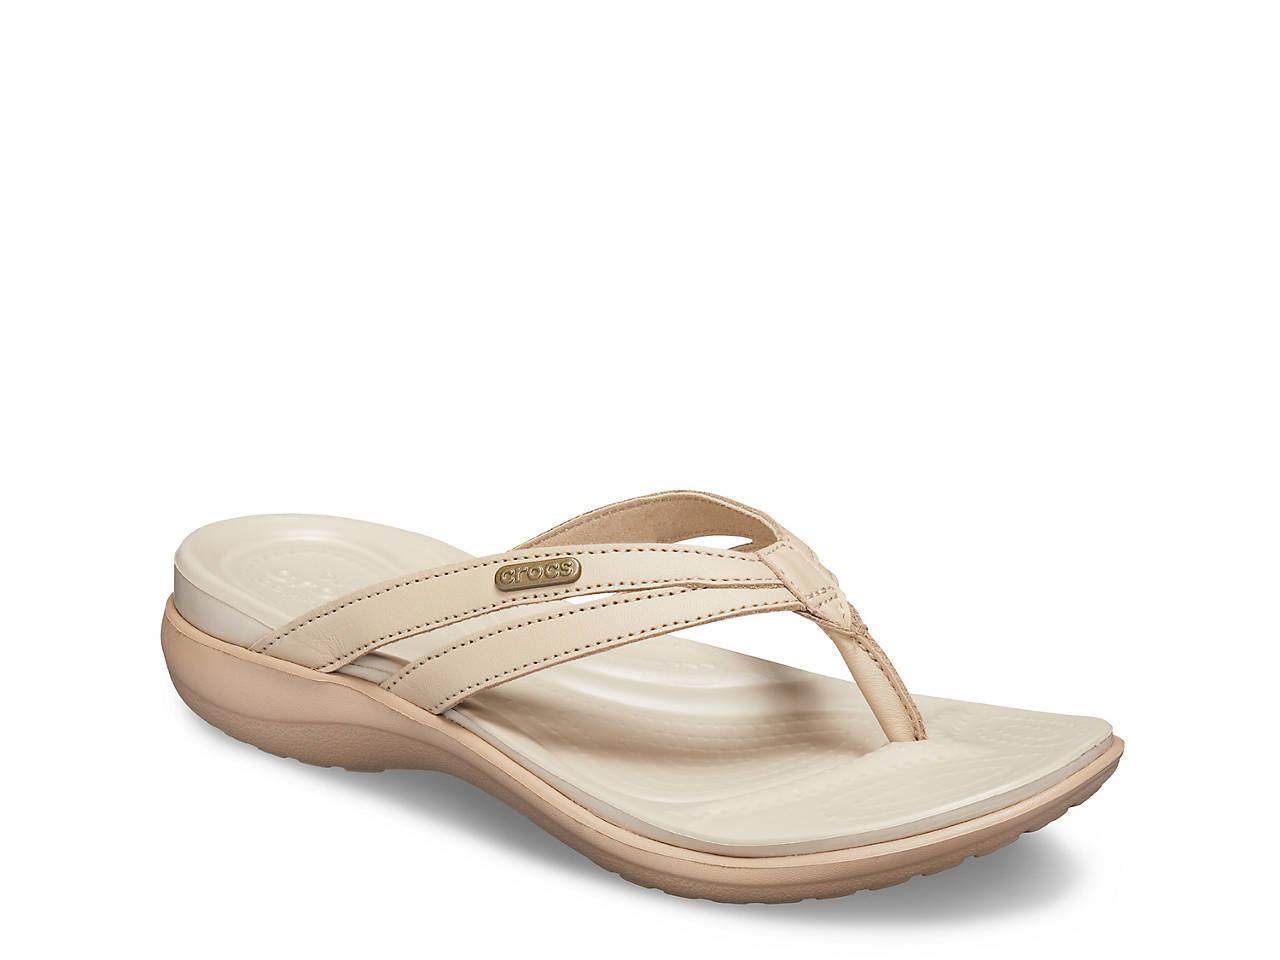 7d0029439c3f Crocs Capri Basic Wedge Sandal Women s Shoes